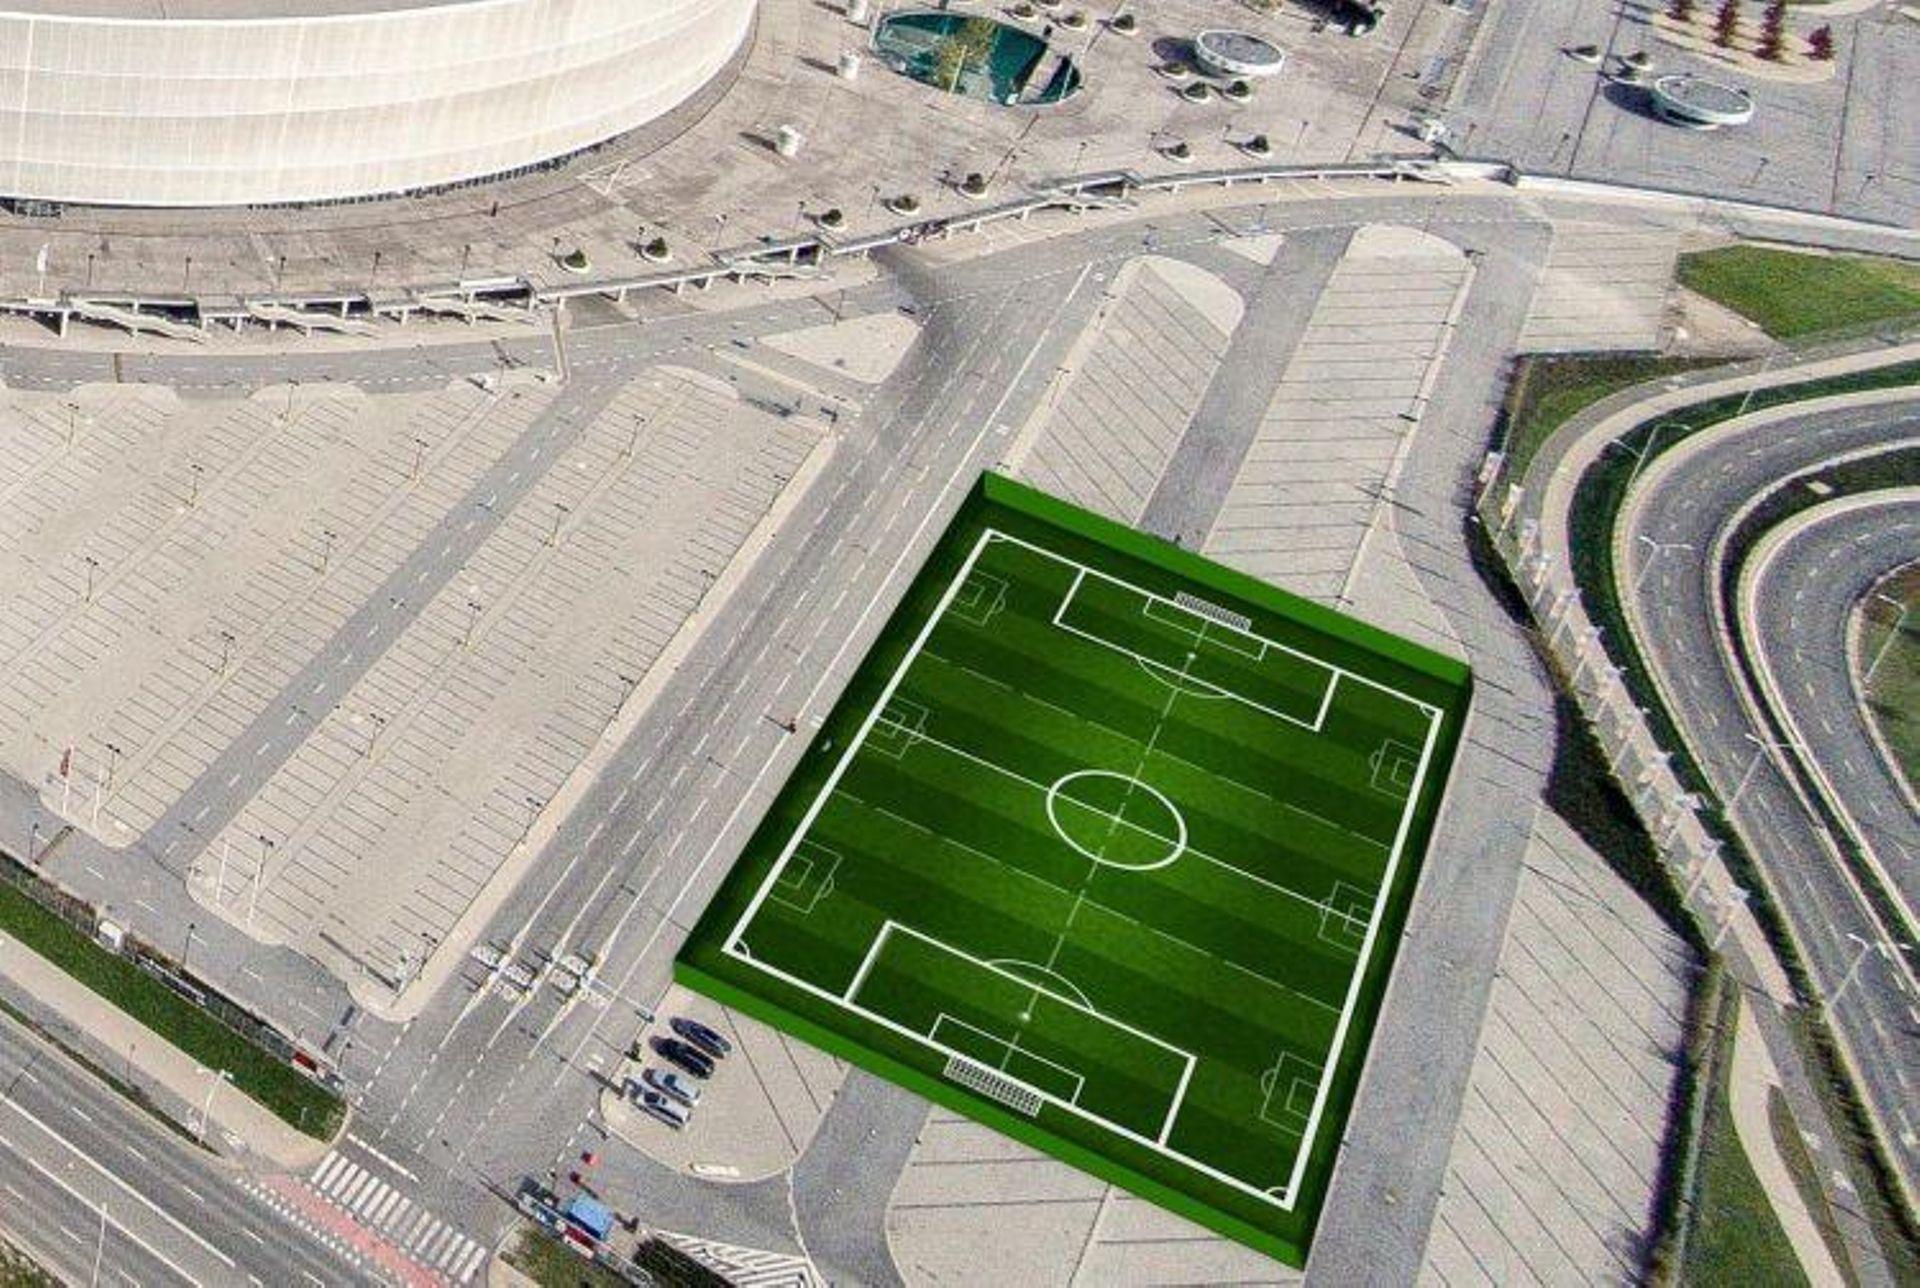 Przy Stadionie Miejskim we Wrocławiu wybudowane zostaną trzy boiska do piłki nożnej